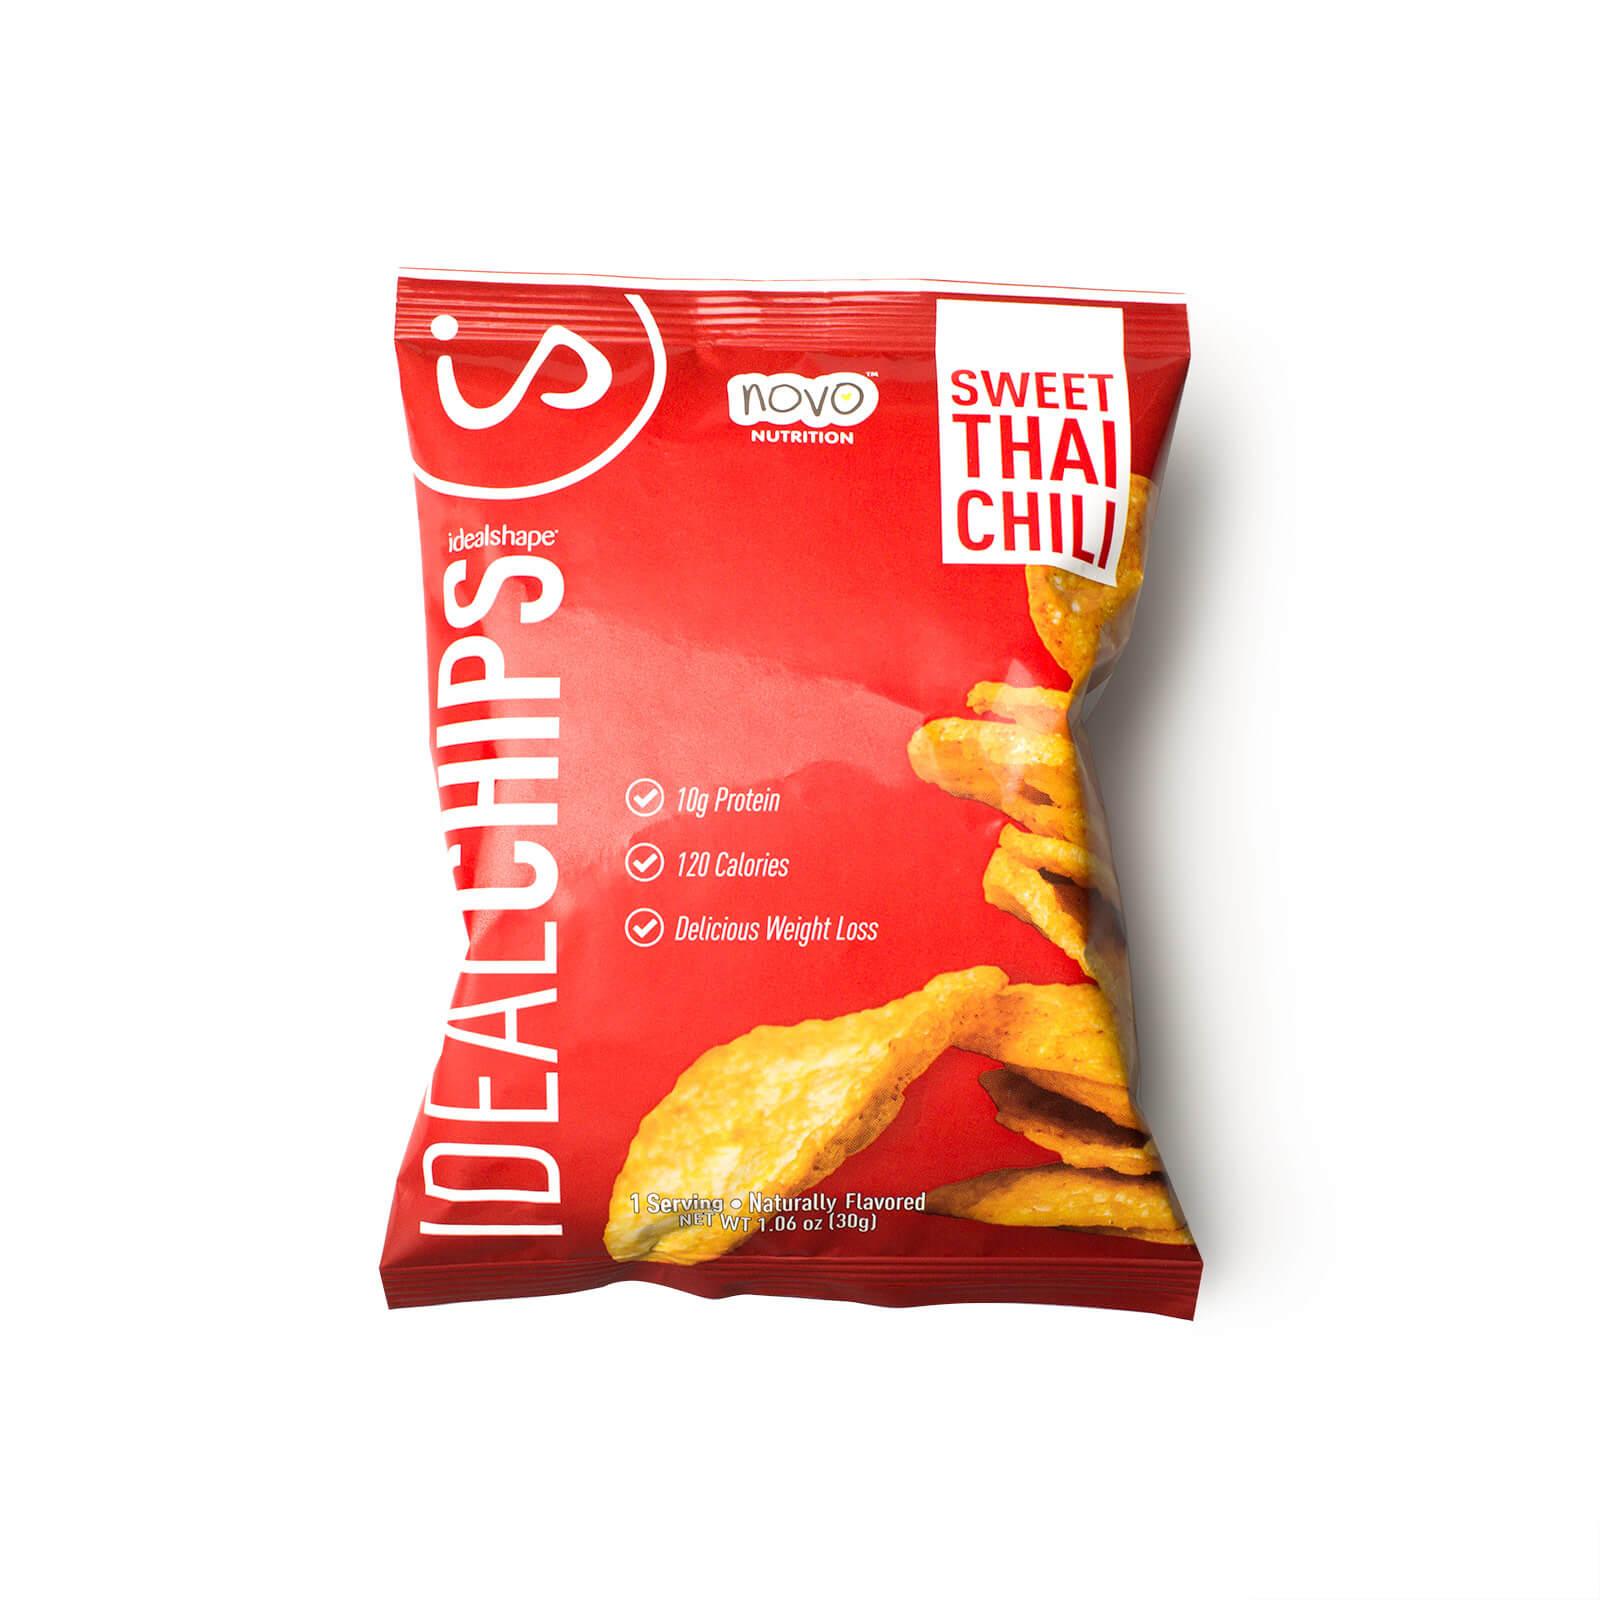 IdealShape IdealChips Sweet Thai Chili 2 Boxes - Child